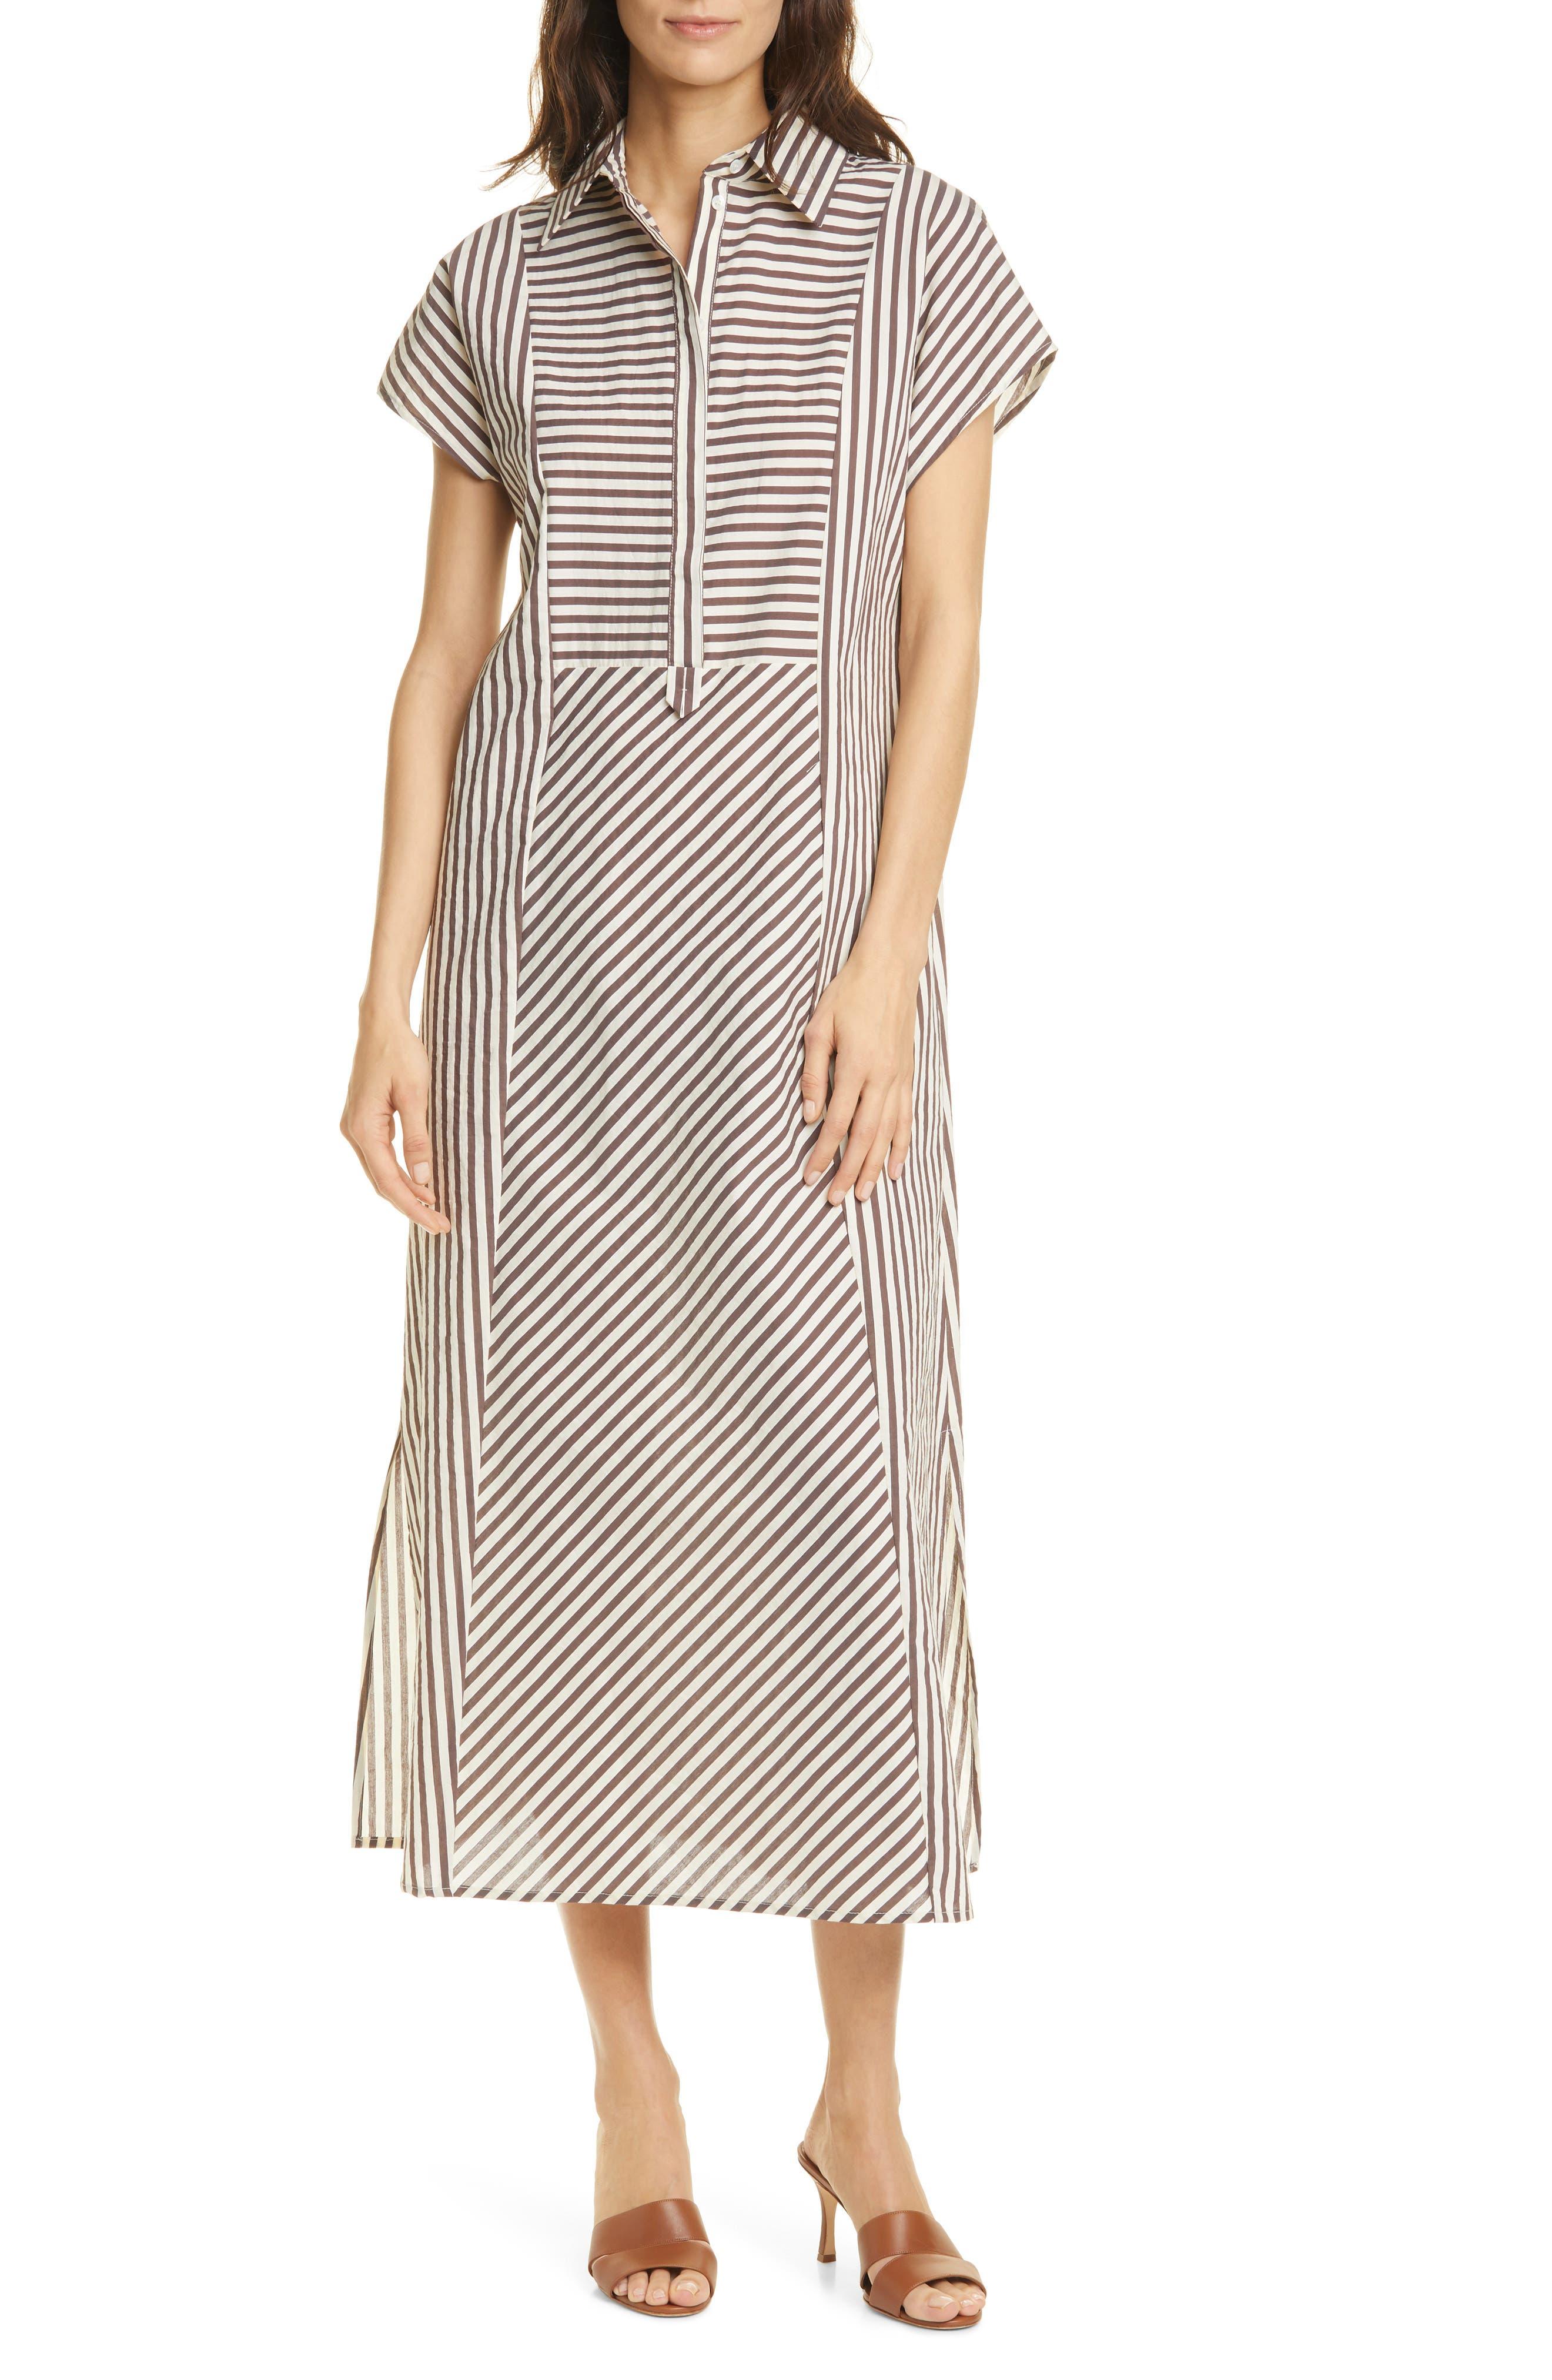 Image of SEVENTY VENEZIA Seventy Striped Popover Midi Dress